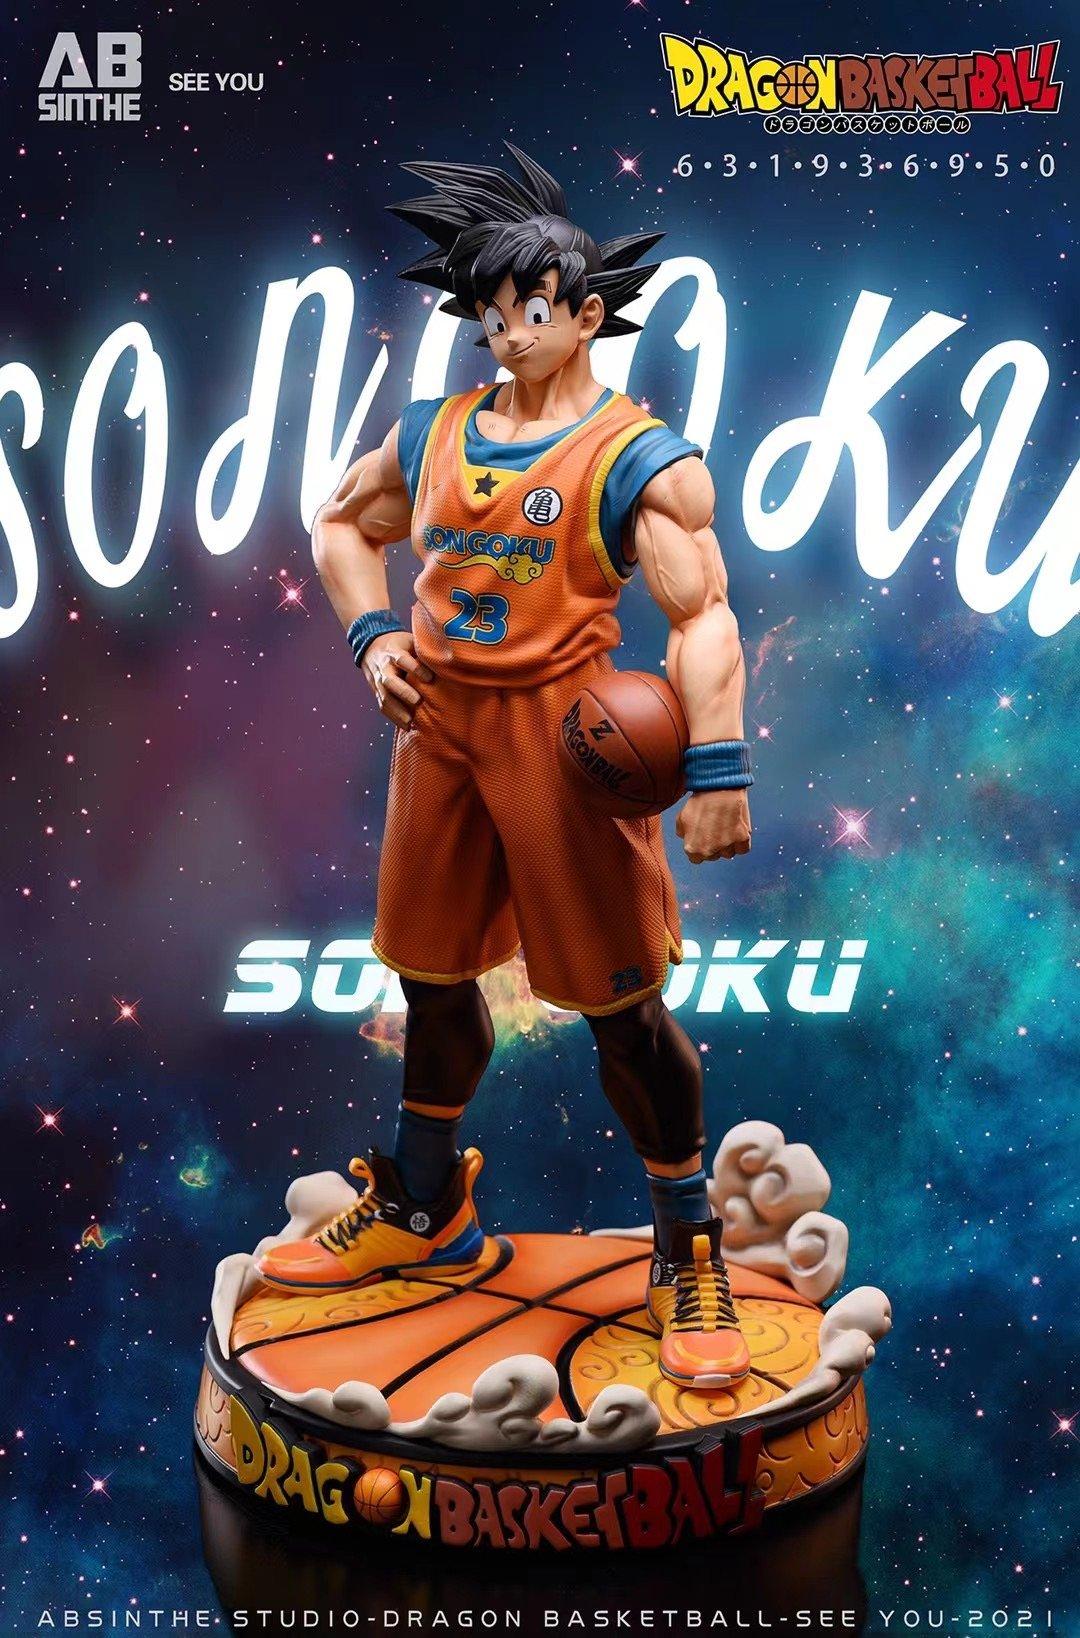 Image of [Pre-Order]Dragon Ball Basketball Series Vol.1 Goku 1:6 Resin Statue